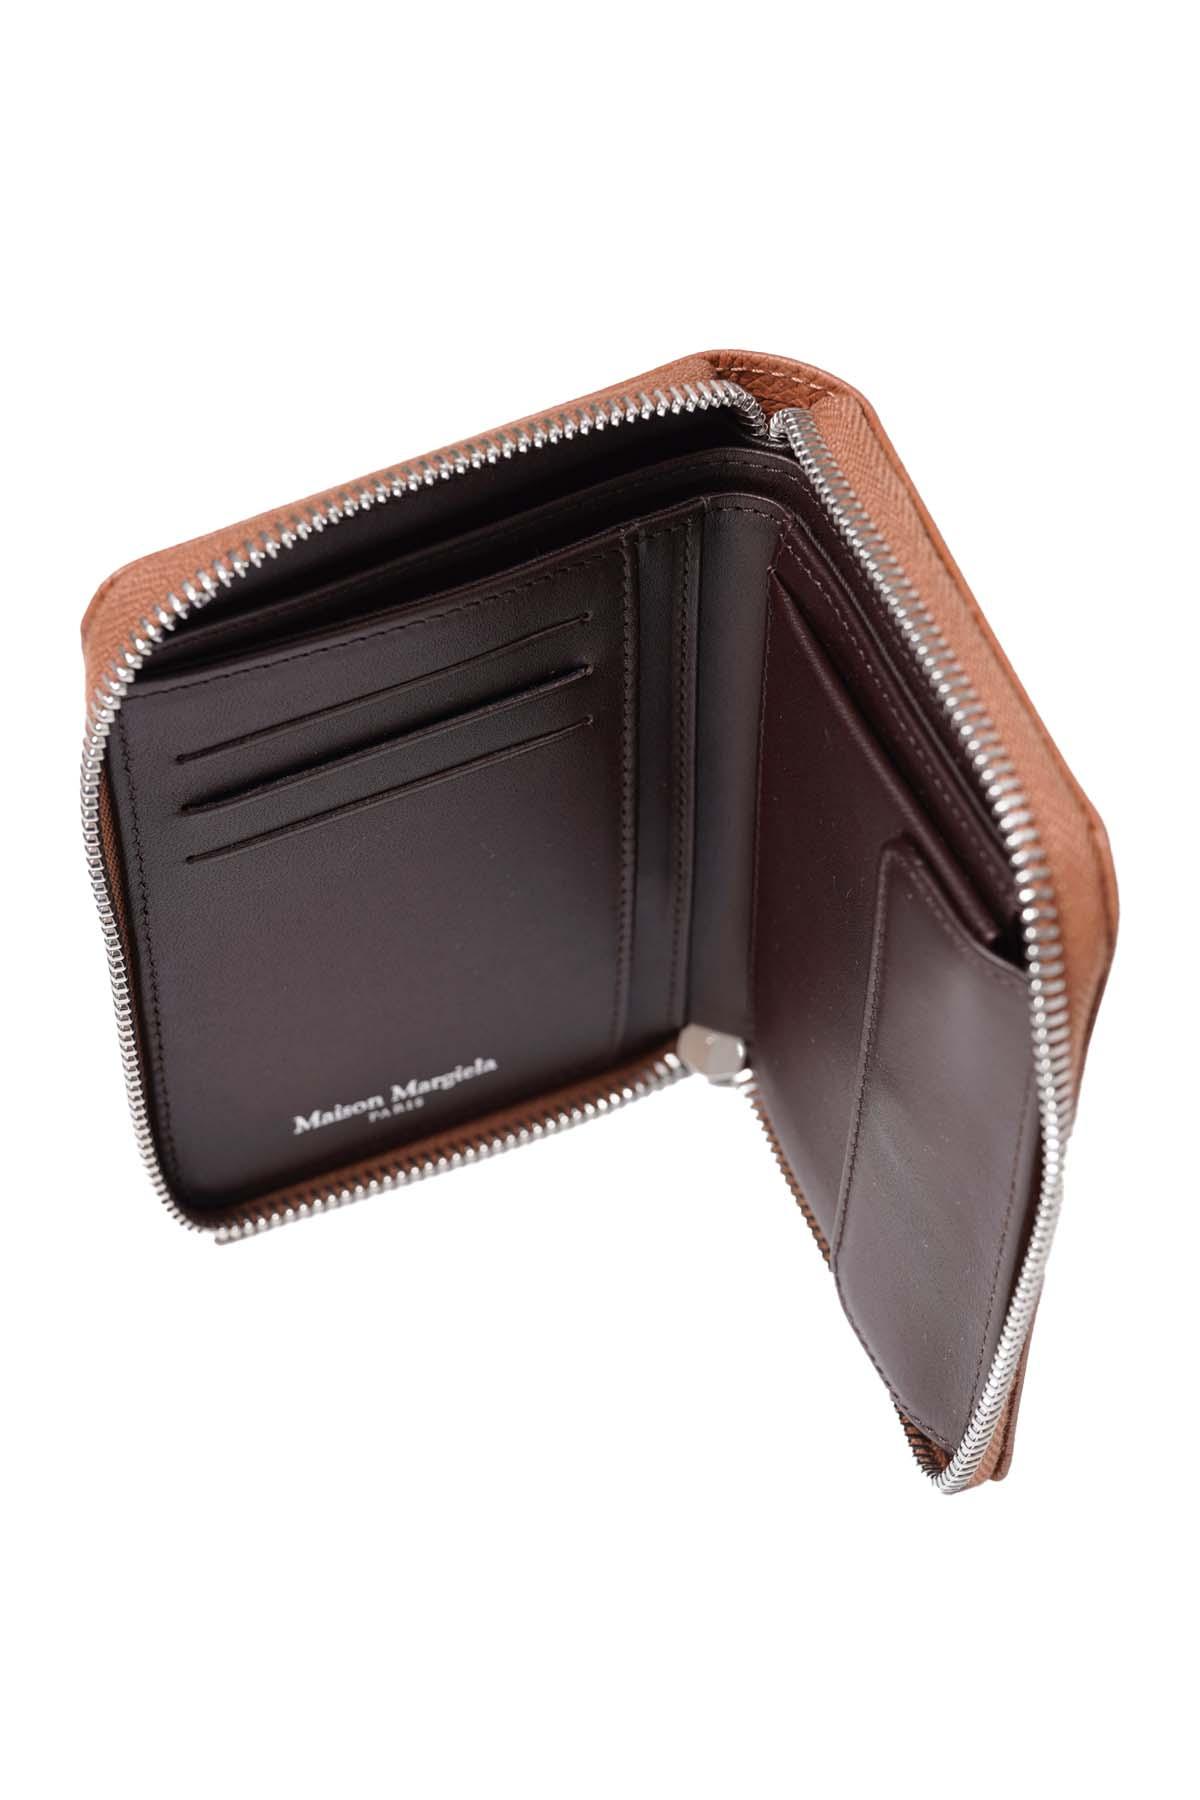 Round Zip Wallet Brown[2021SS]